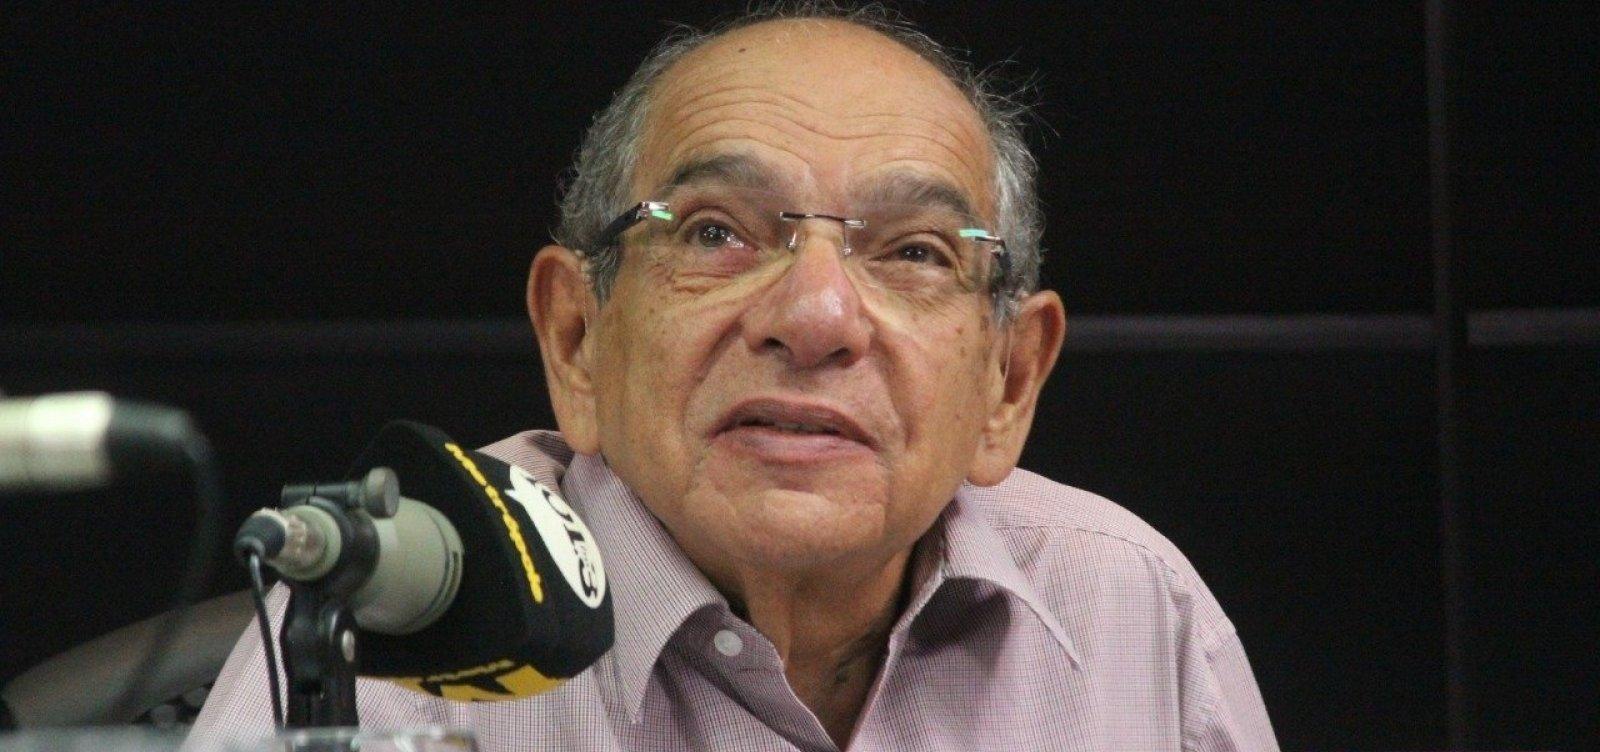 MK avalia futuro 'ainda incerto' após anulação da condenação de Lula; ouça